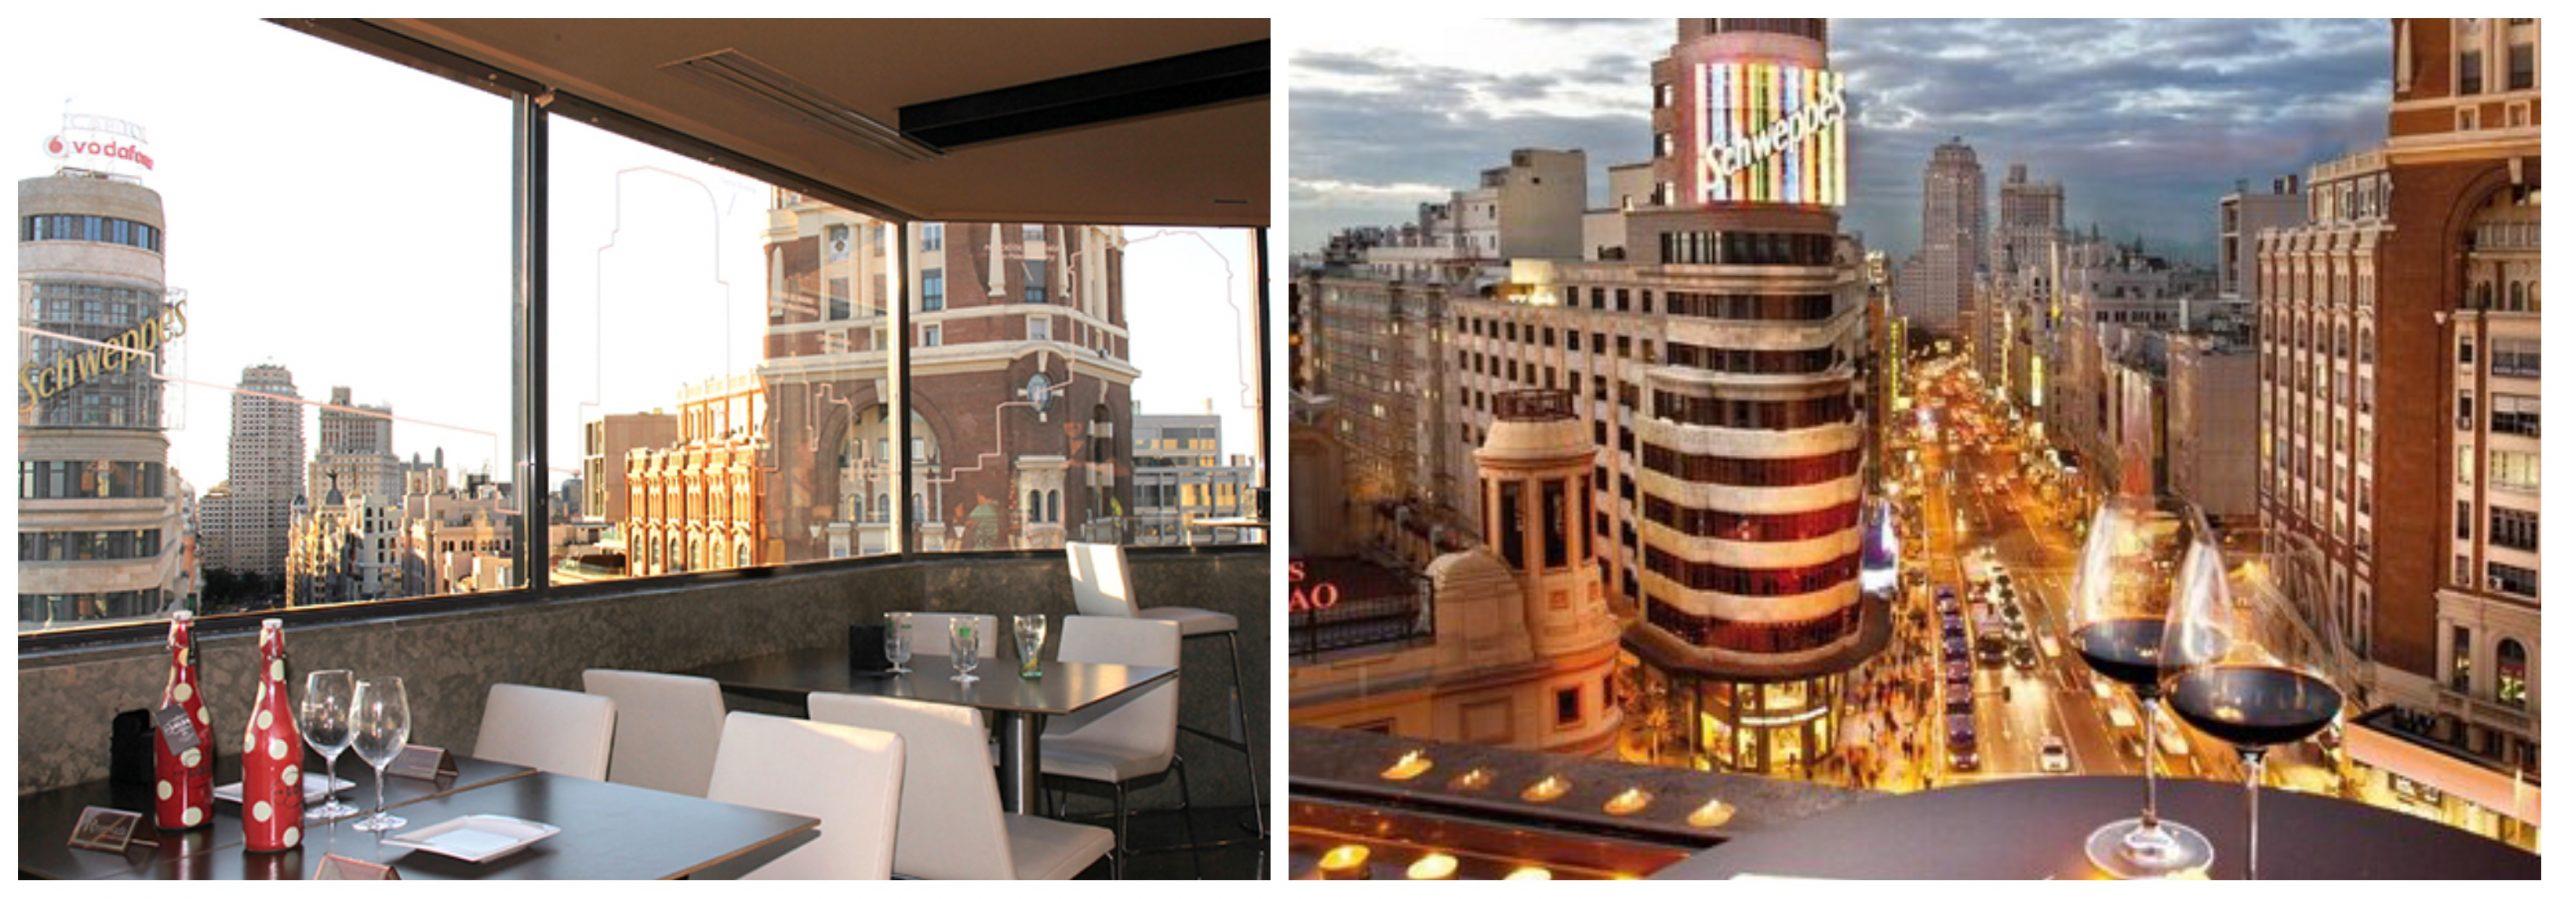 Azotea del Gourmet Experience de Callao con vistas a la Gran Vía de Madrid